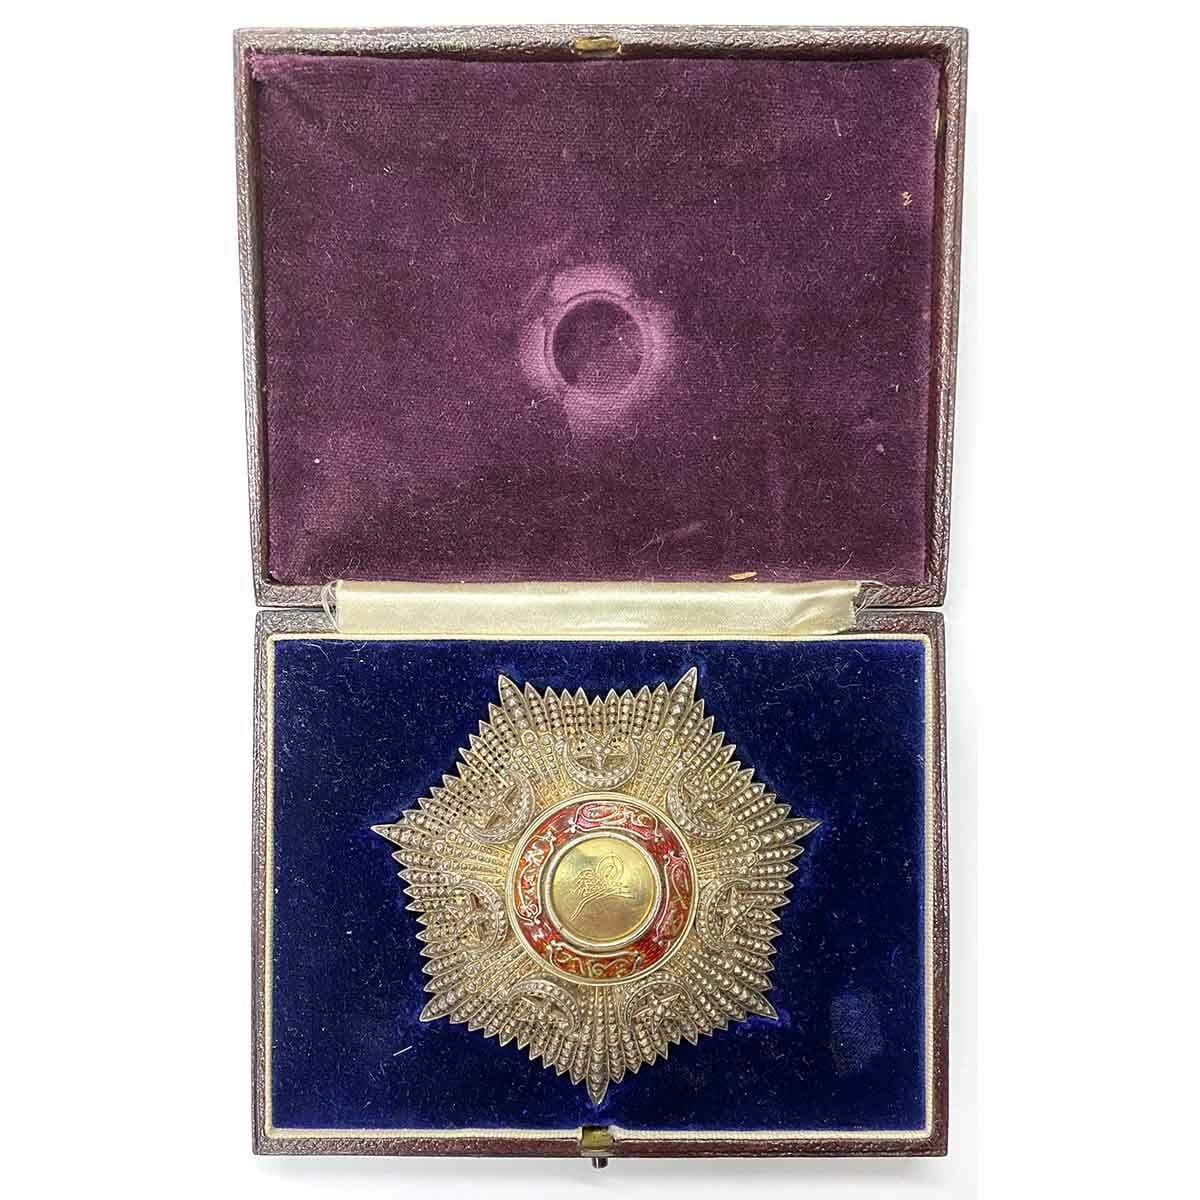 Order of the Medjidie Large Breast Star 1